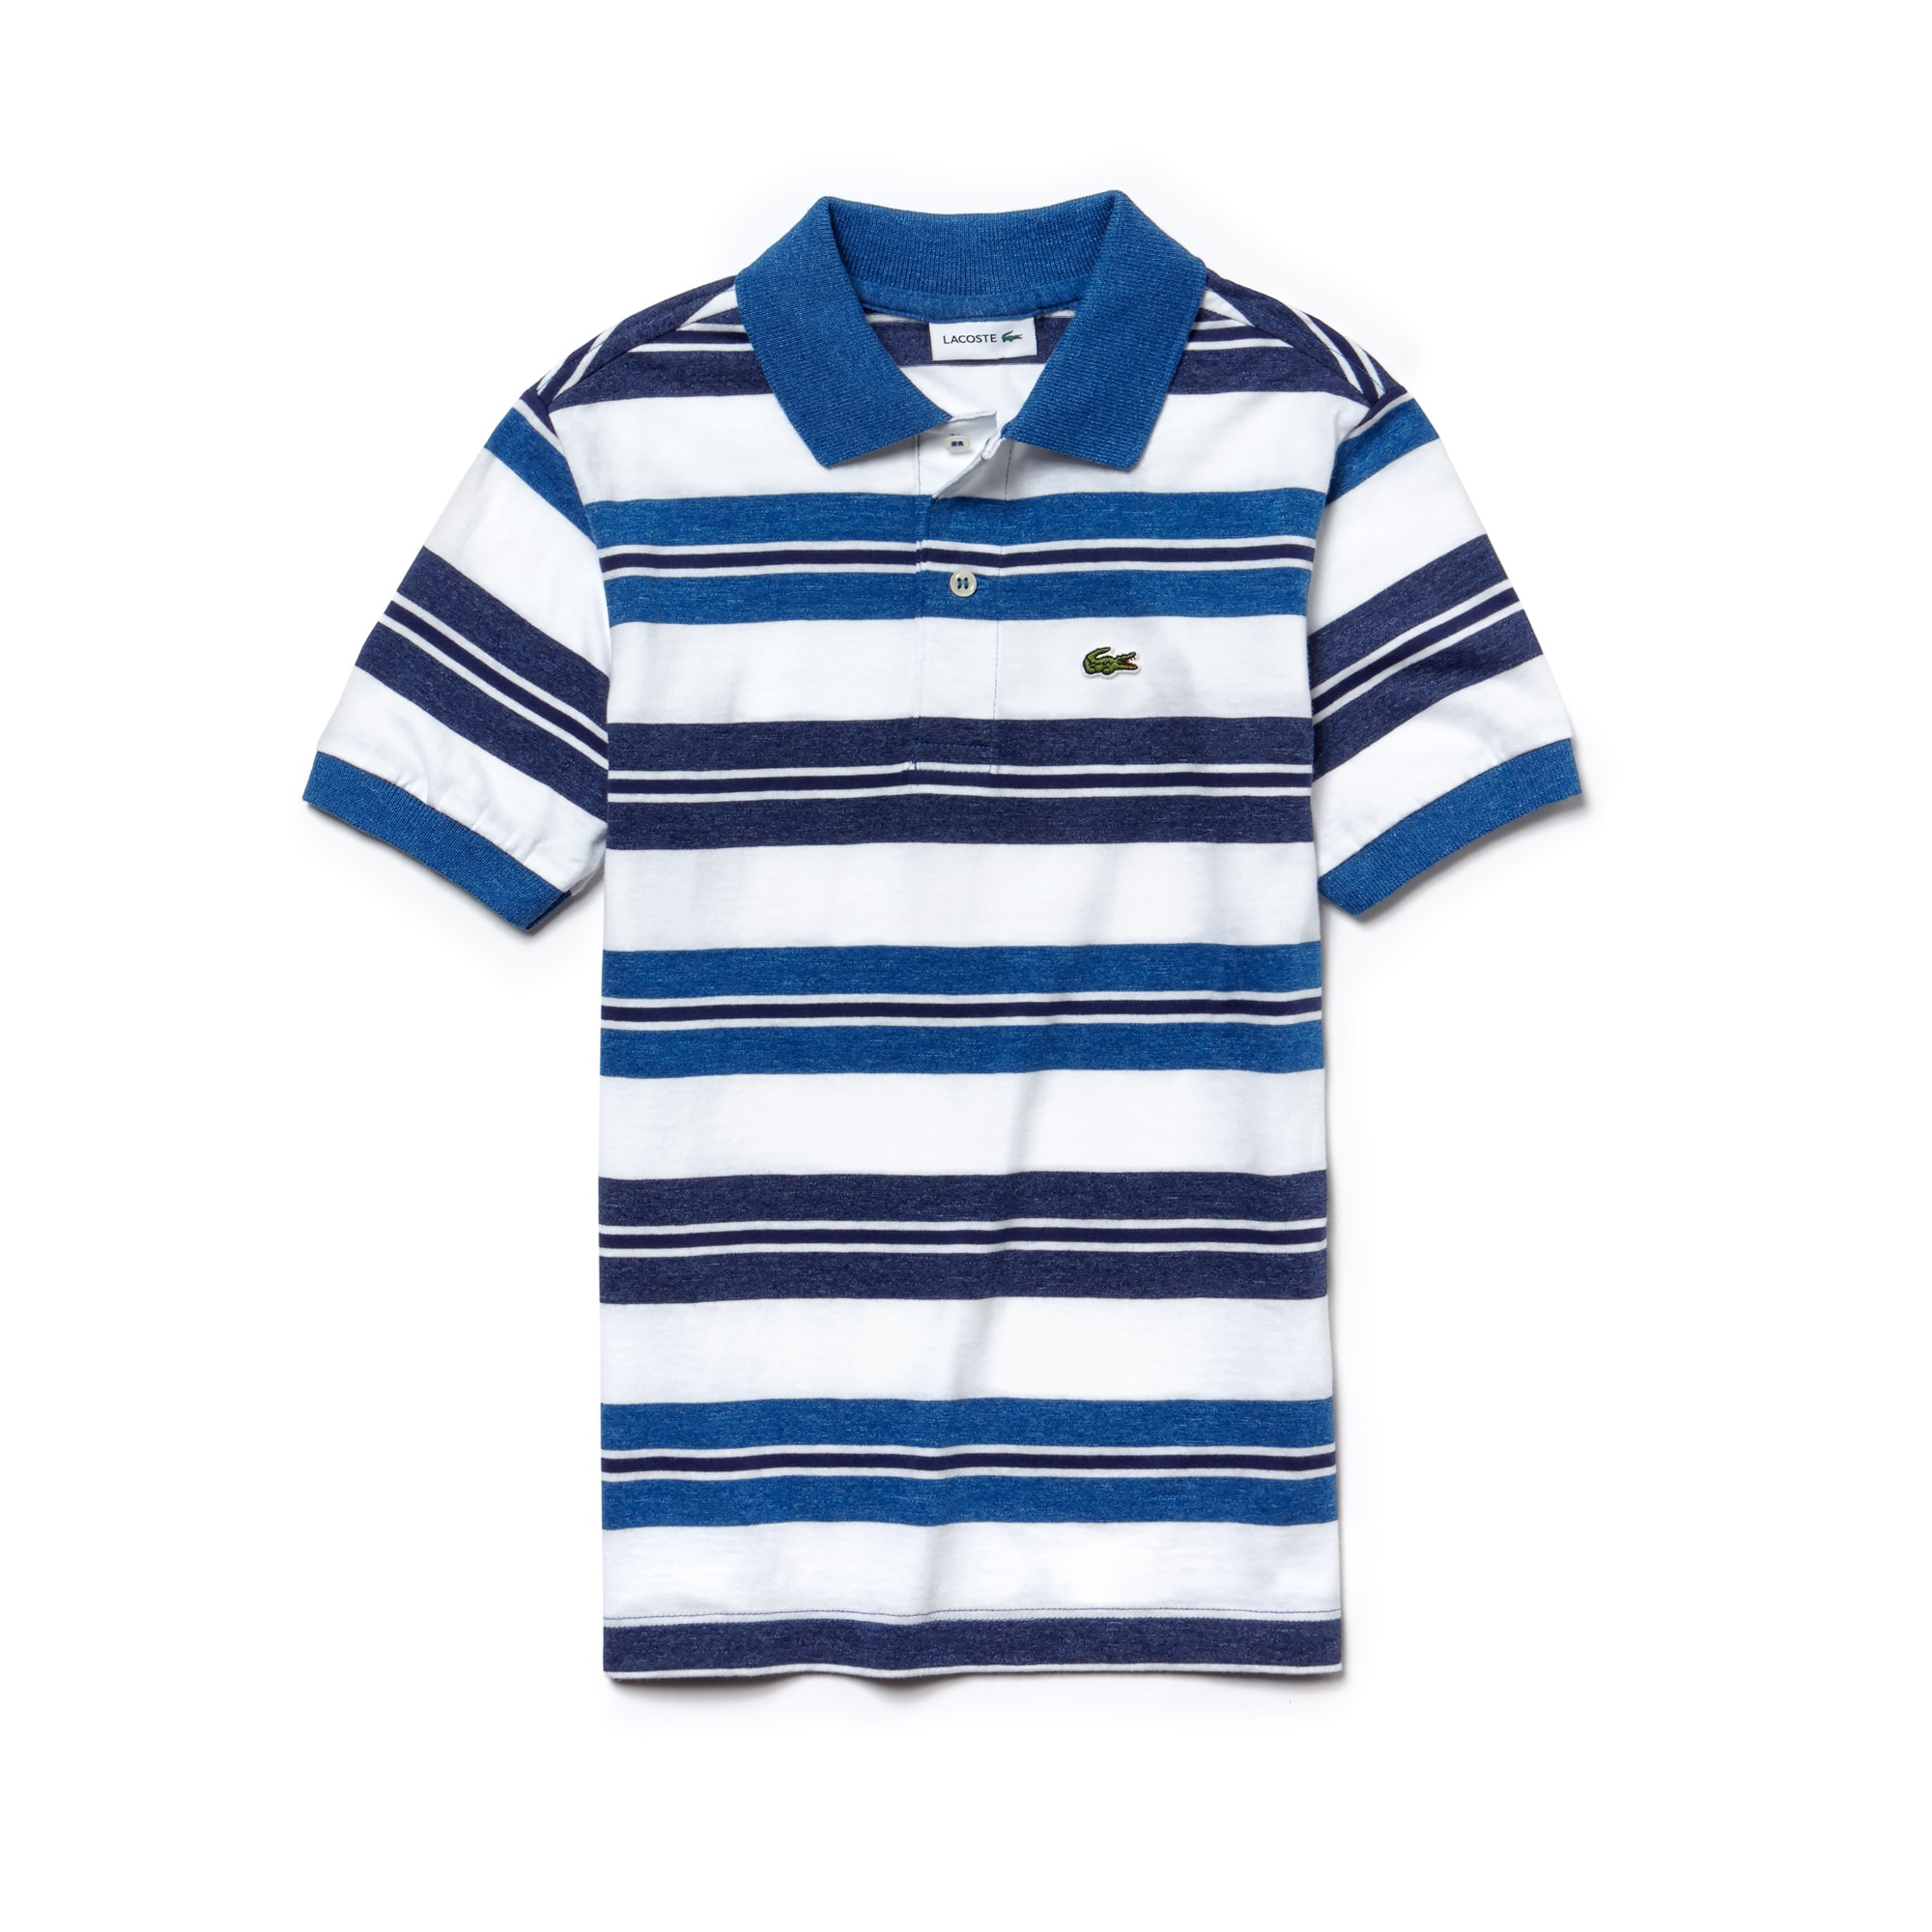 Polo Bambino Lacoste in jersey di cotone a righe